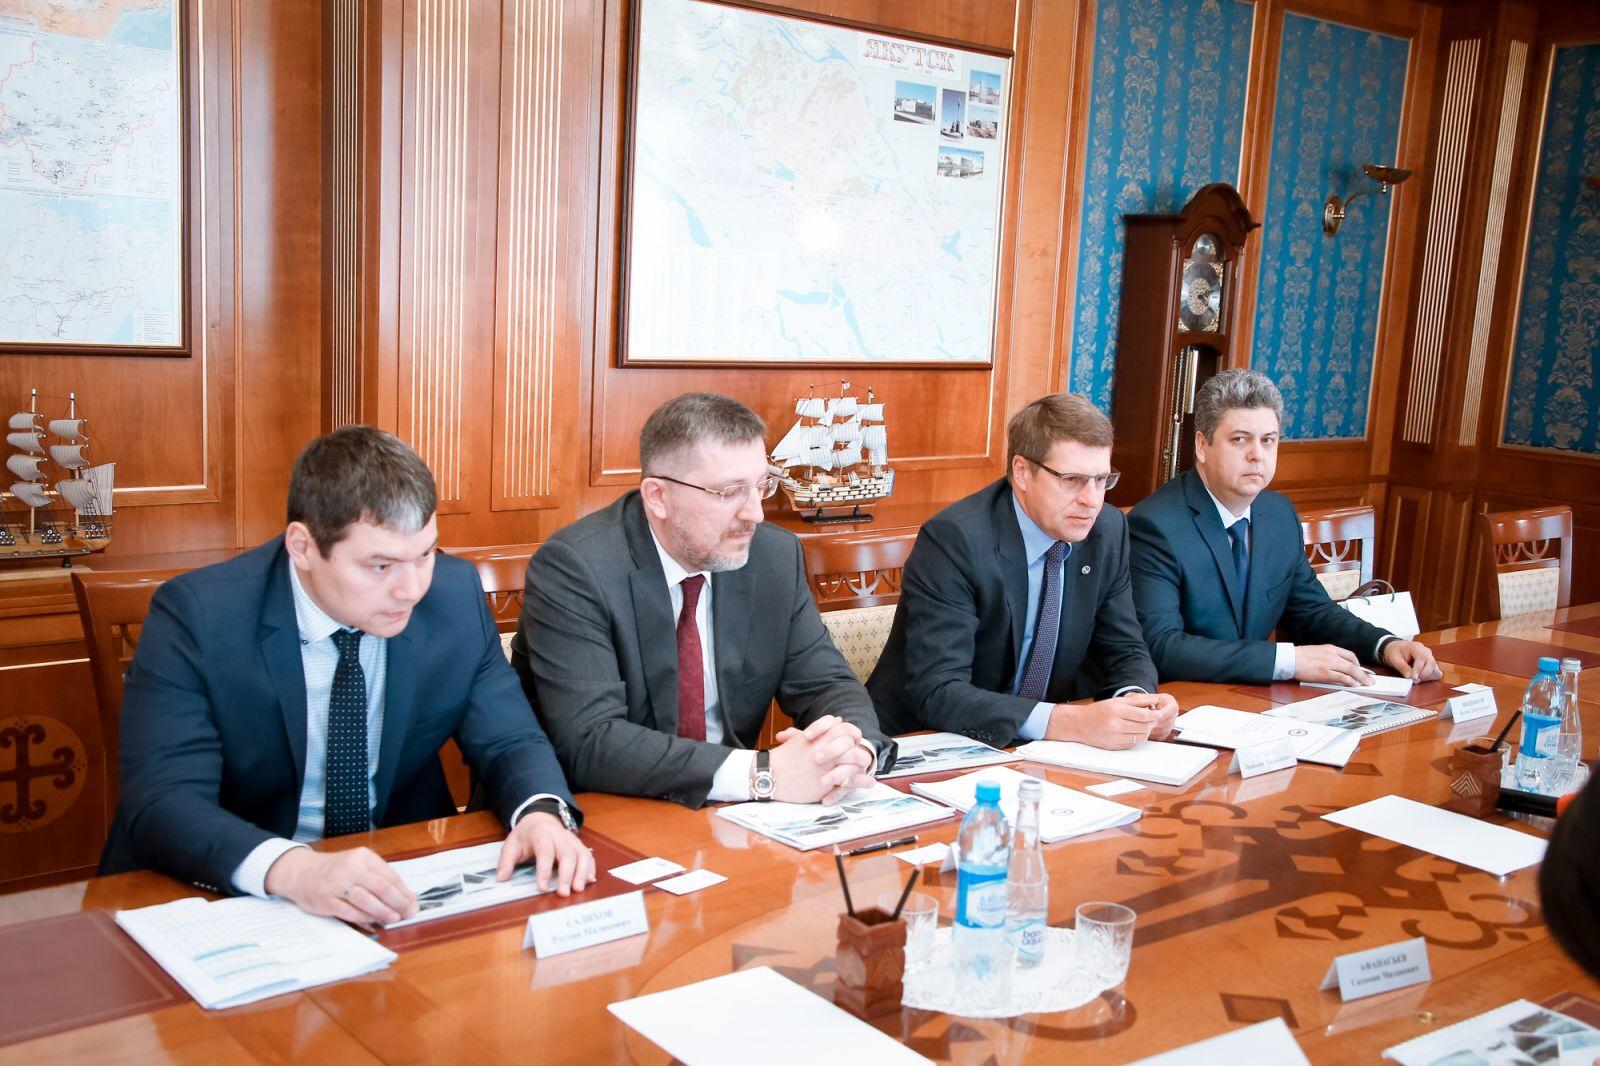 Состоялась встреча главы Якутии с делегацией Иркутской нефтяной компании